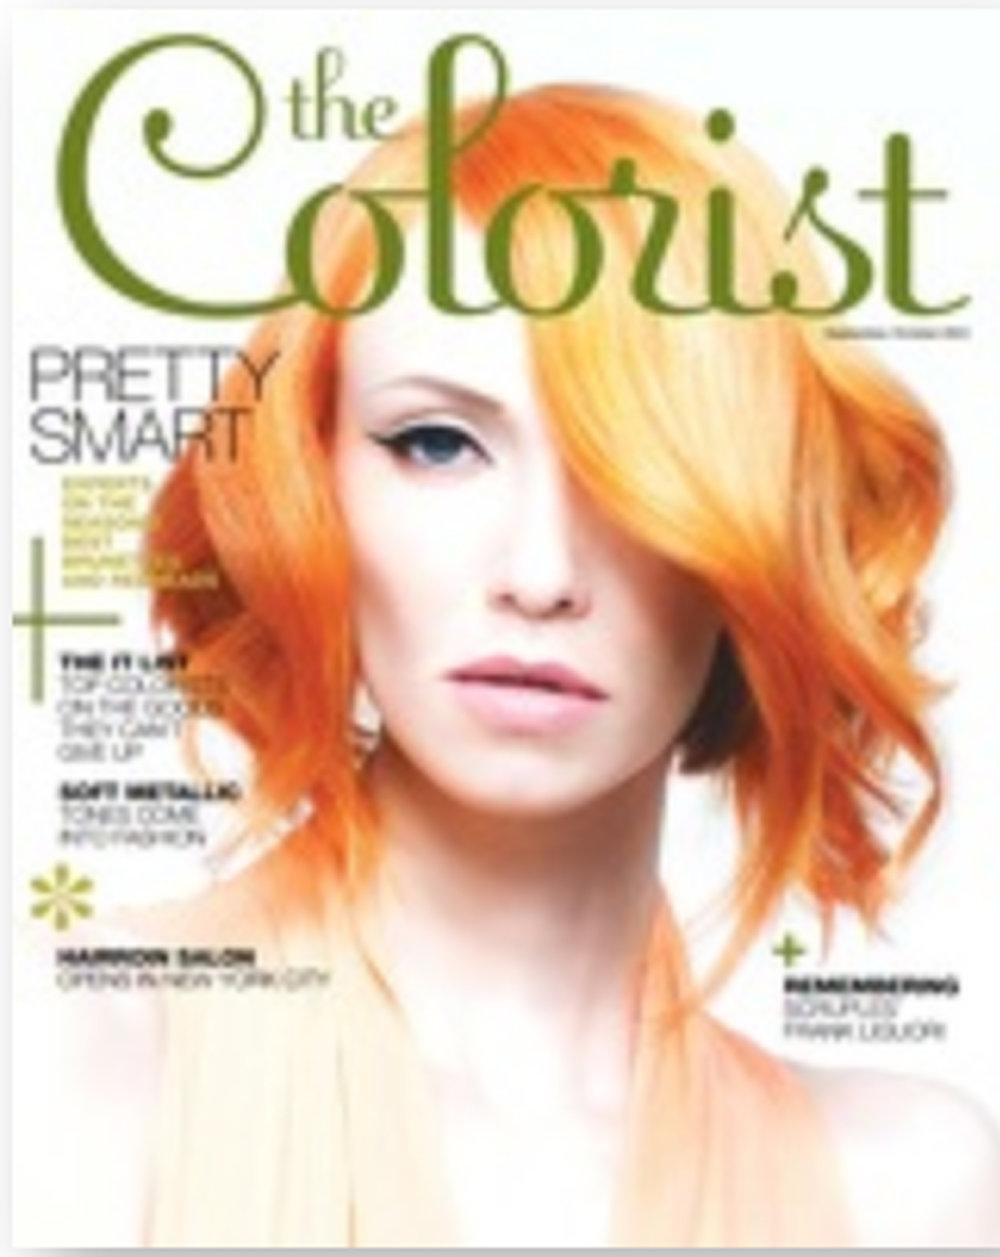 yoshikohair_stkilda_melbourne_hairdresser_hairsalon_thecolorist14_cover